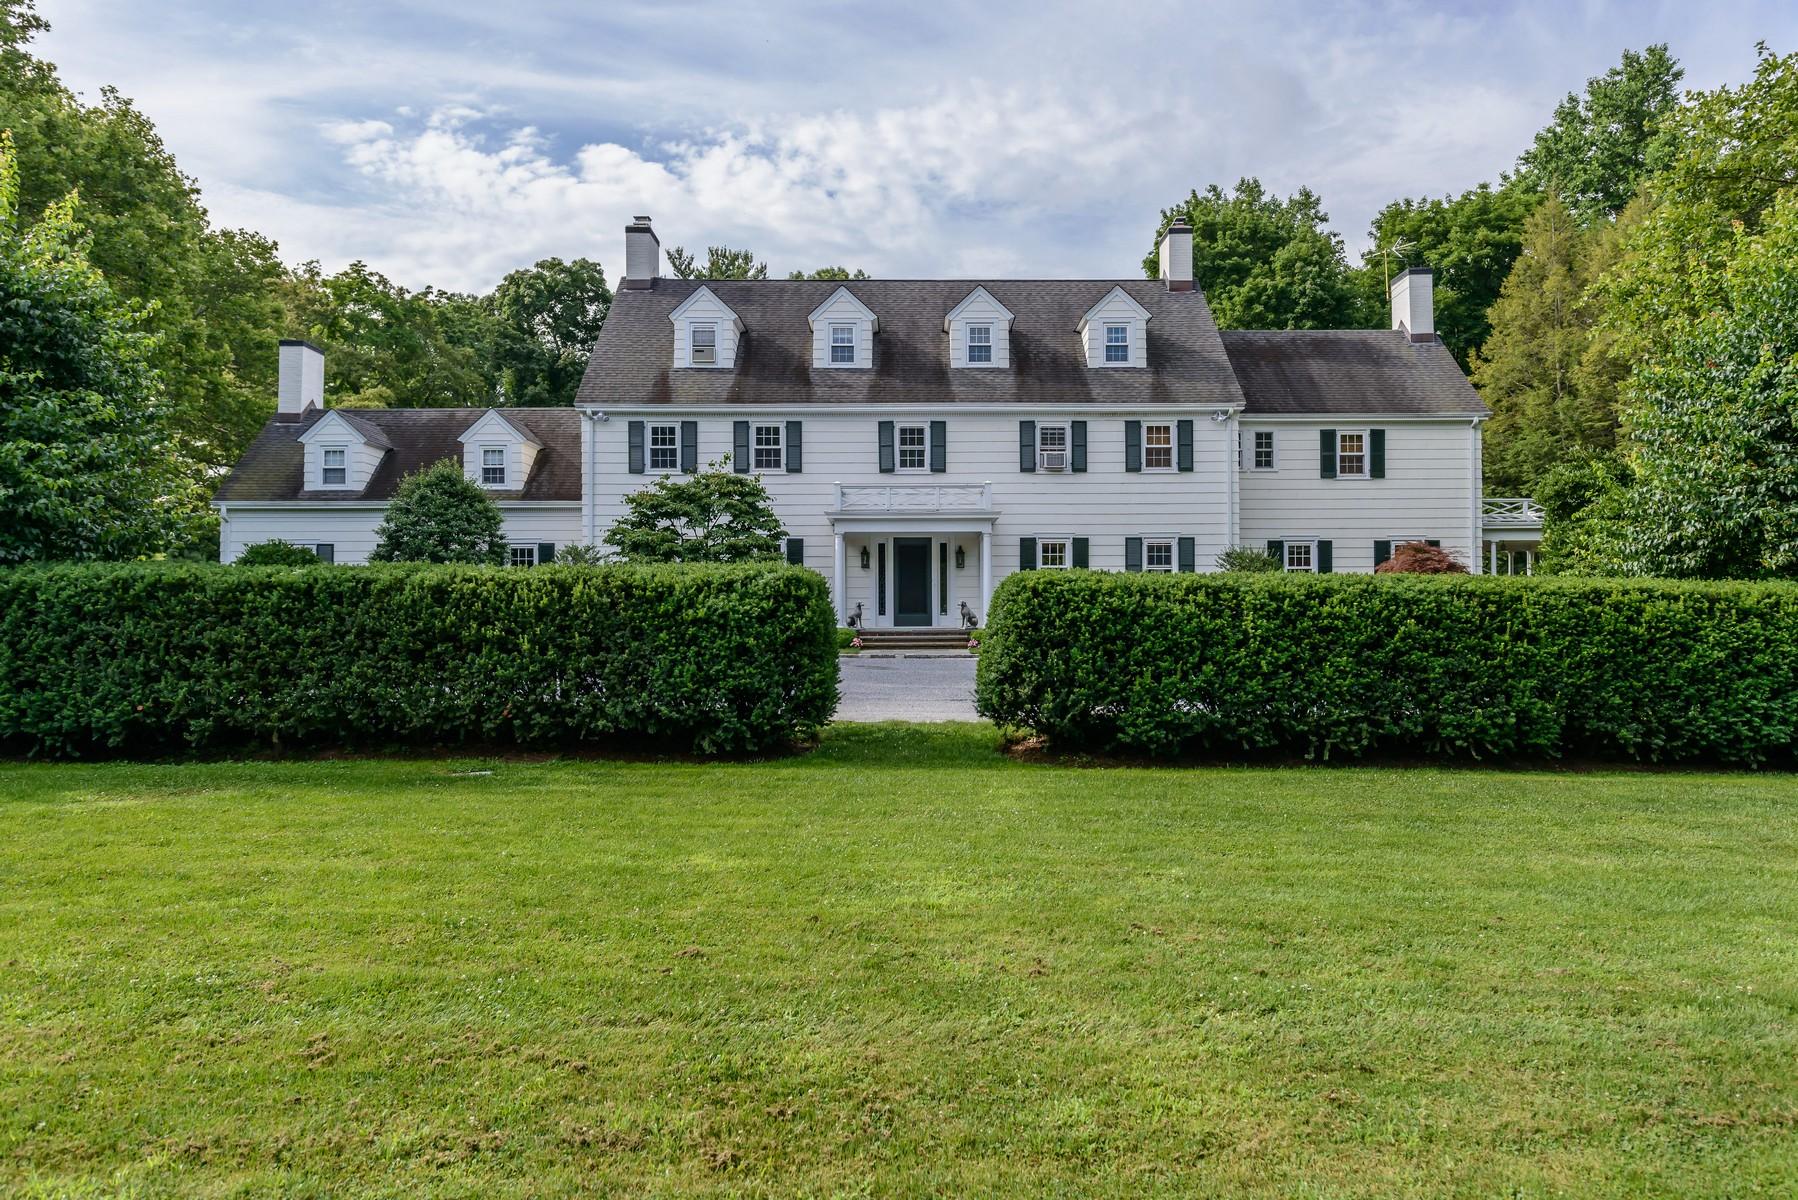 Villa per Vendita alle ore Colonial 81 High Farms Road Glen Head, New York, 11545 Stati Uniti